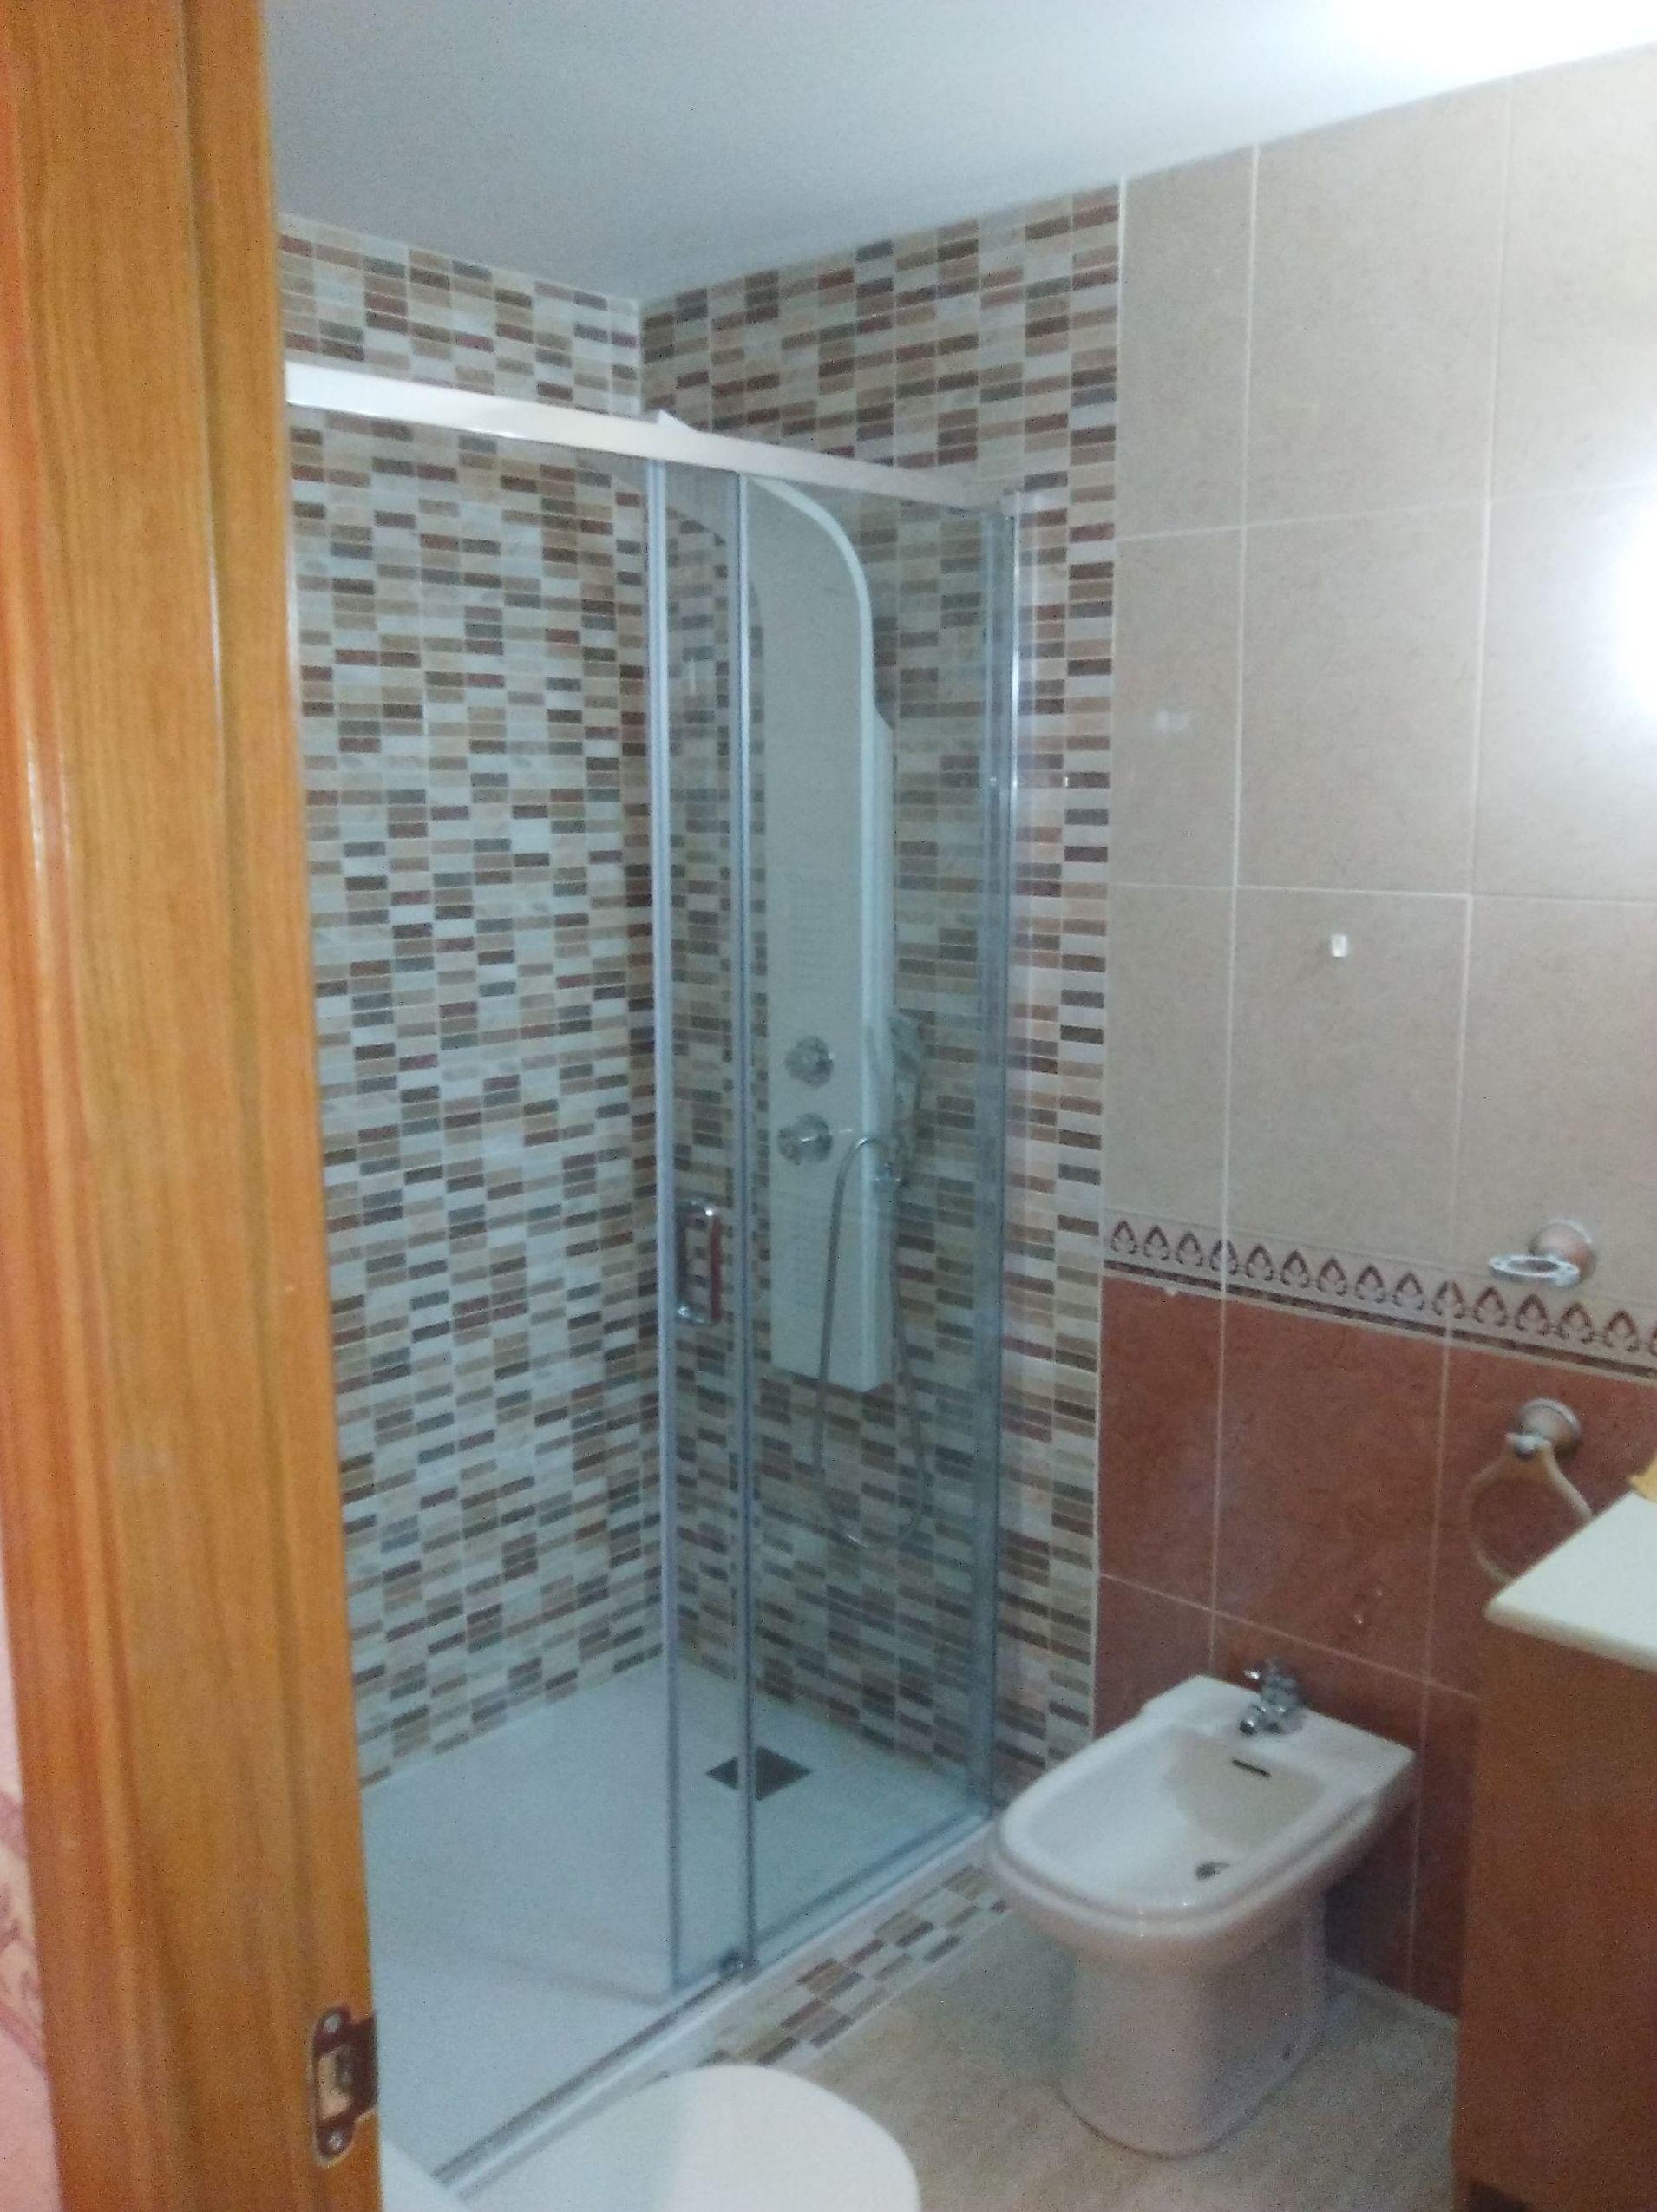 Foto 2 de Reformas de baños y cocinas en Zaragoza | REFORMAS BAÑO MODERNO